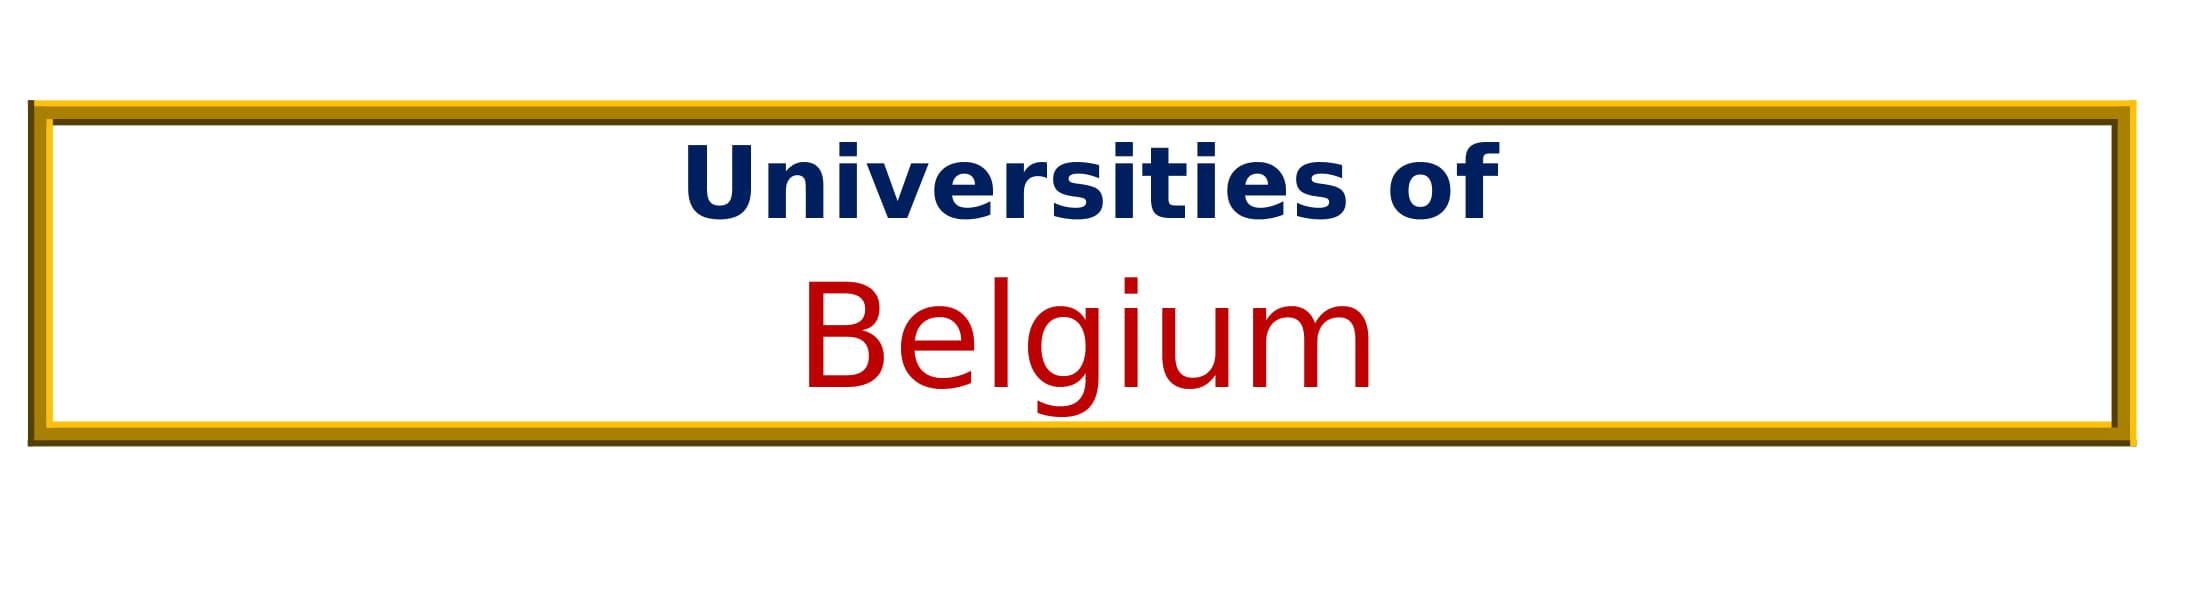 List of Universities in Belgium